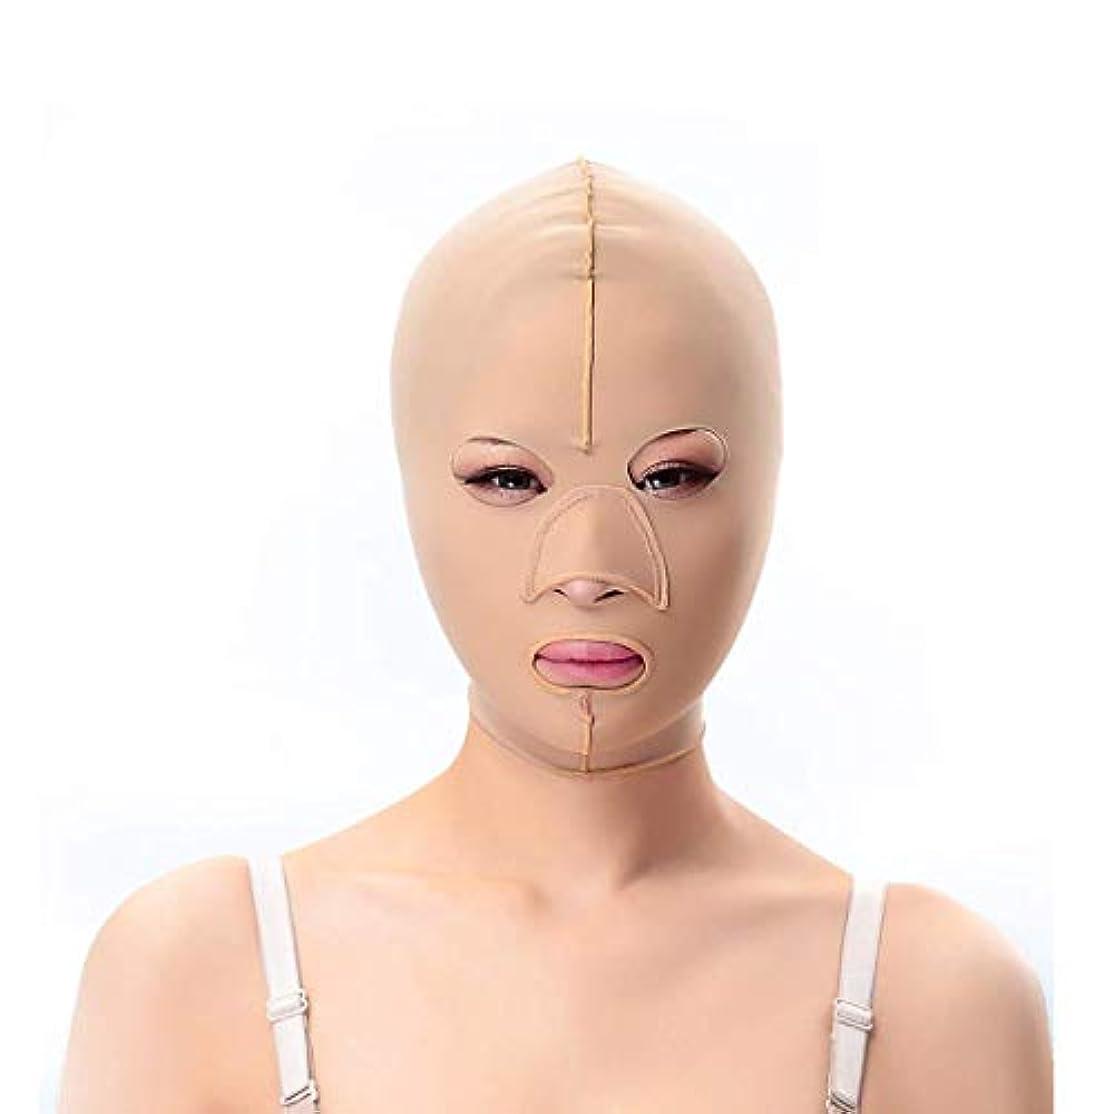 絶えず空気資源スリミングベルト、フェイシャルマスク薄いフェイスマスク布布パターンリフティングダブルあご引き締めフェイシャルプラスチック顔アーティファクト強力な顔包帯(サイズ:S)